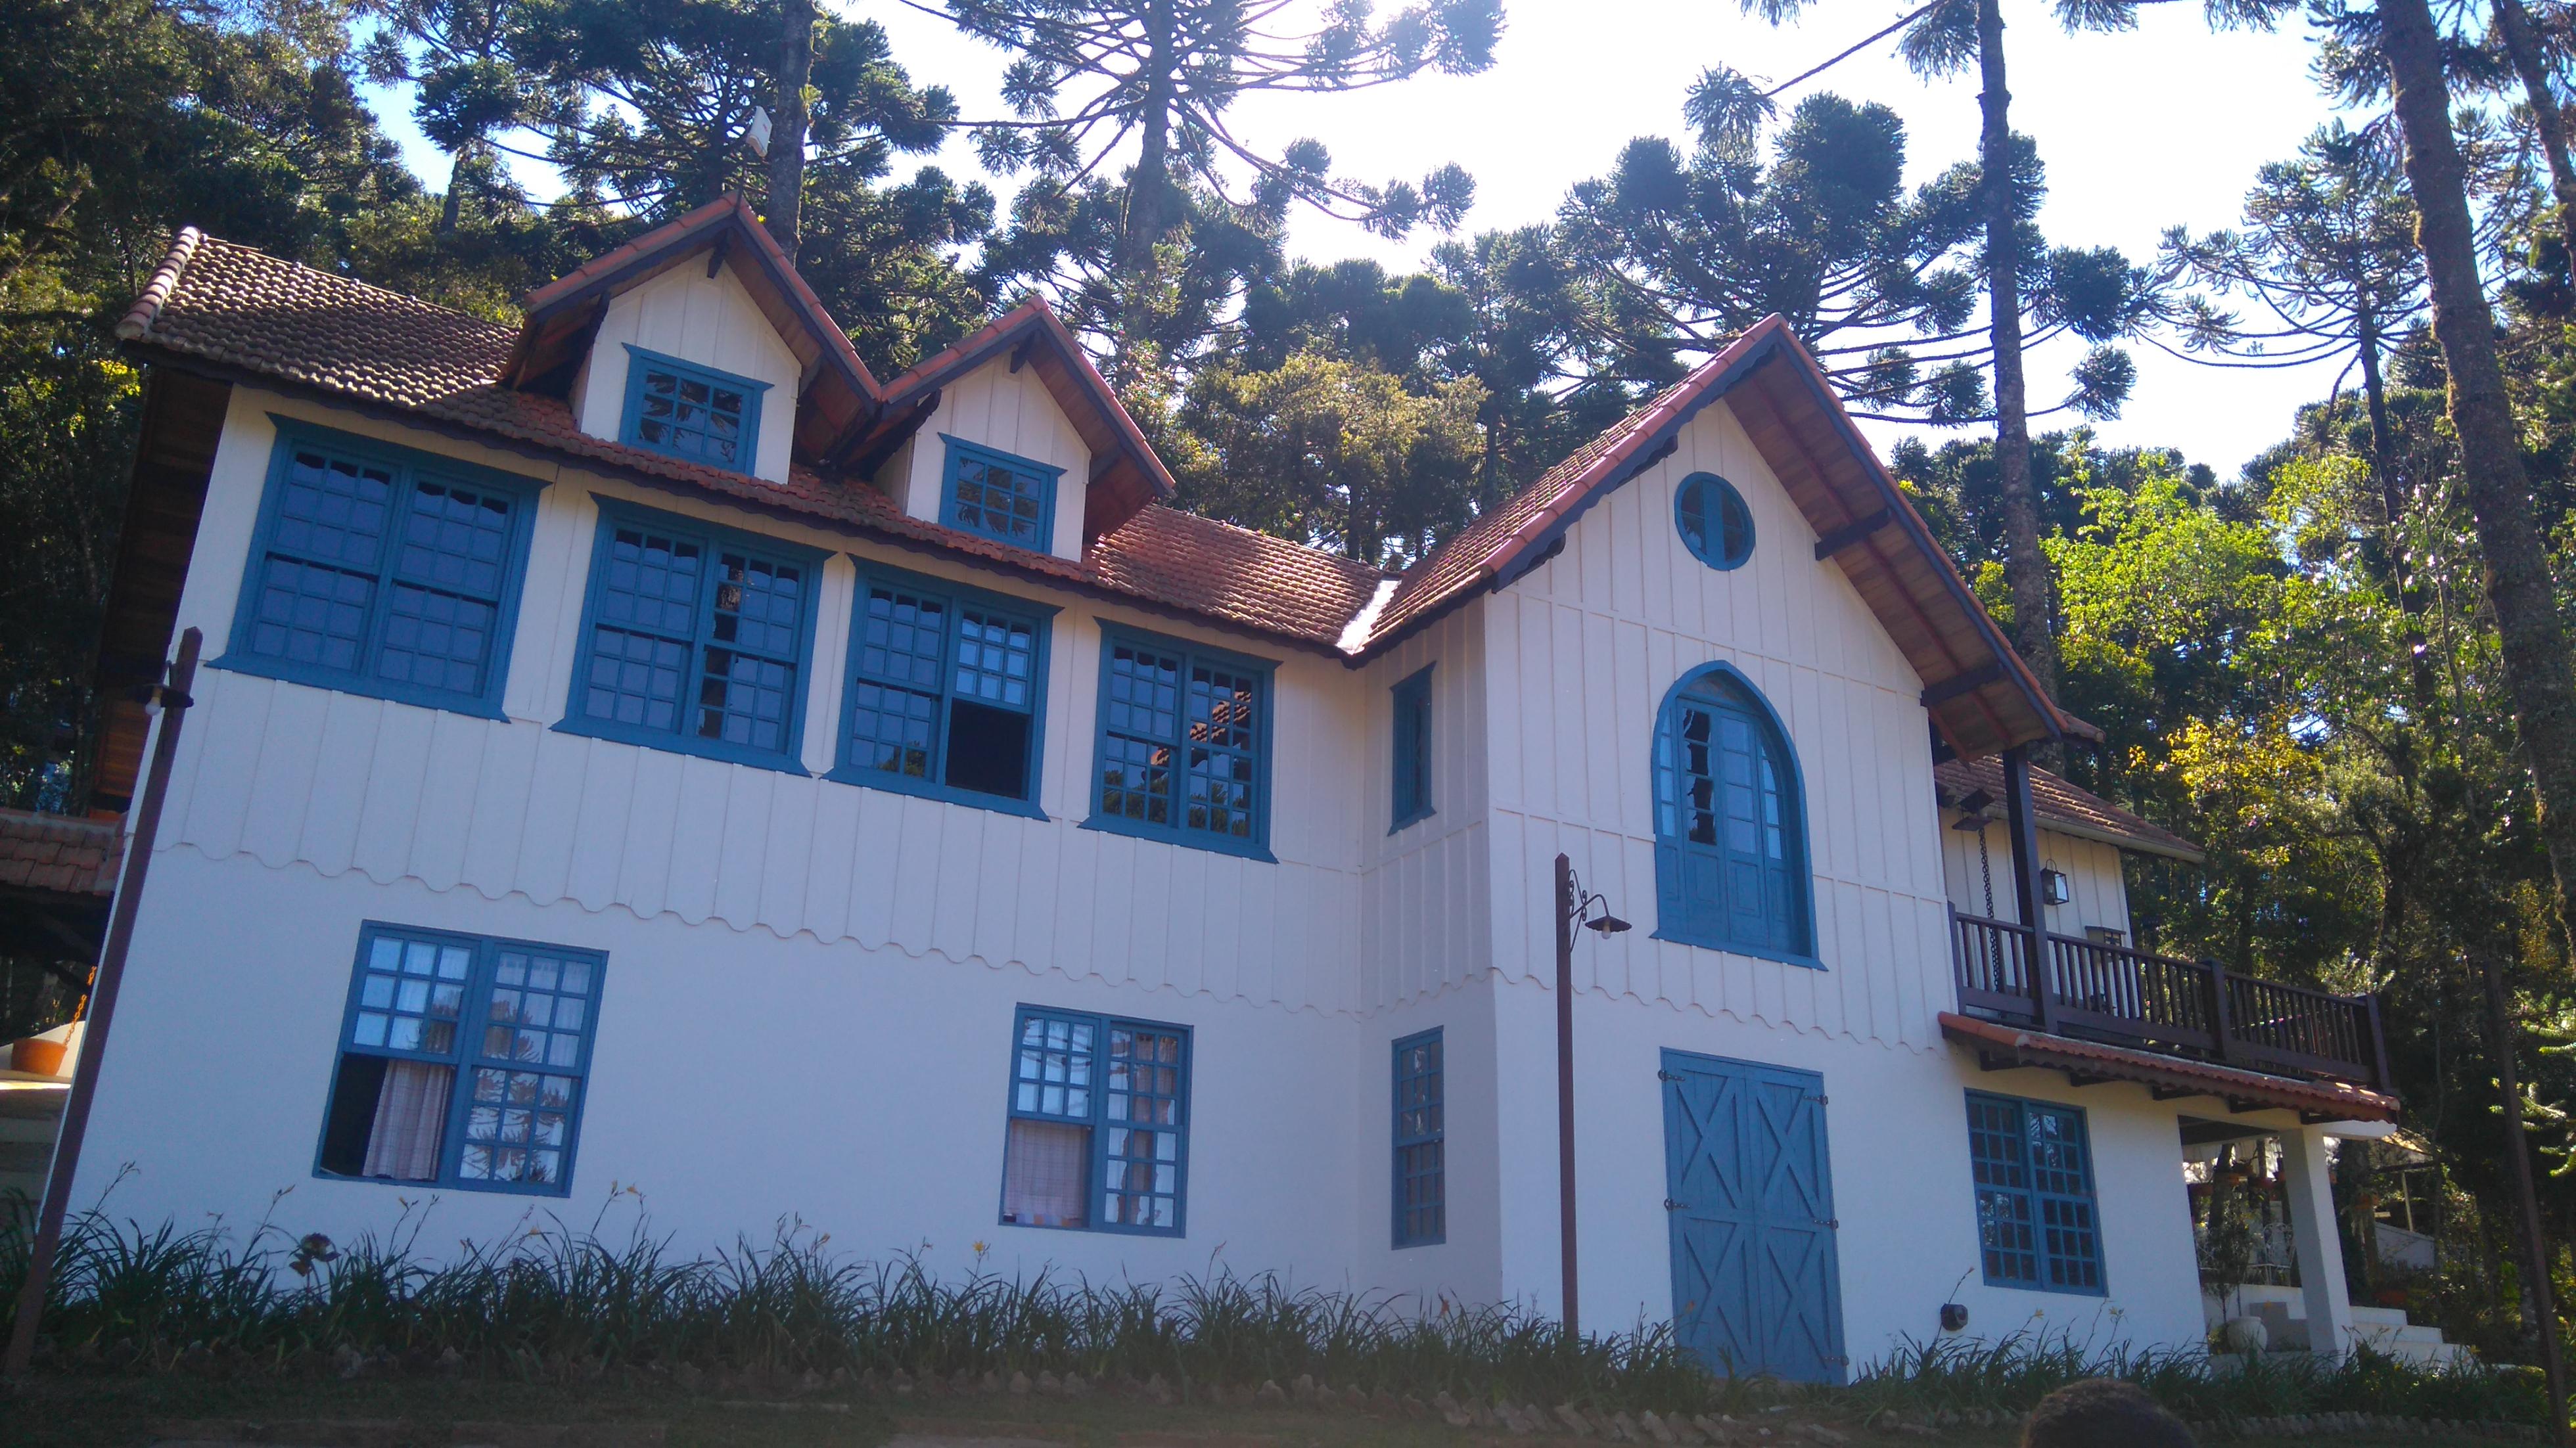 [:pb]Vídeo para a Pousada Provence Cottage & Bistrô, em Minas Gerais[:]